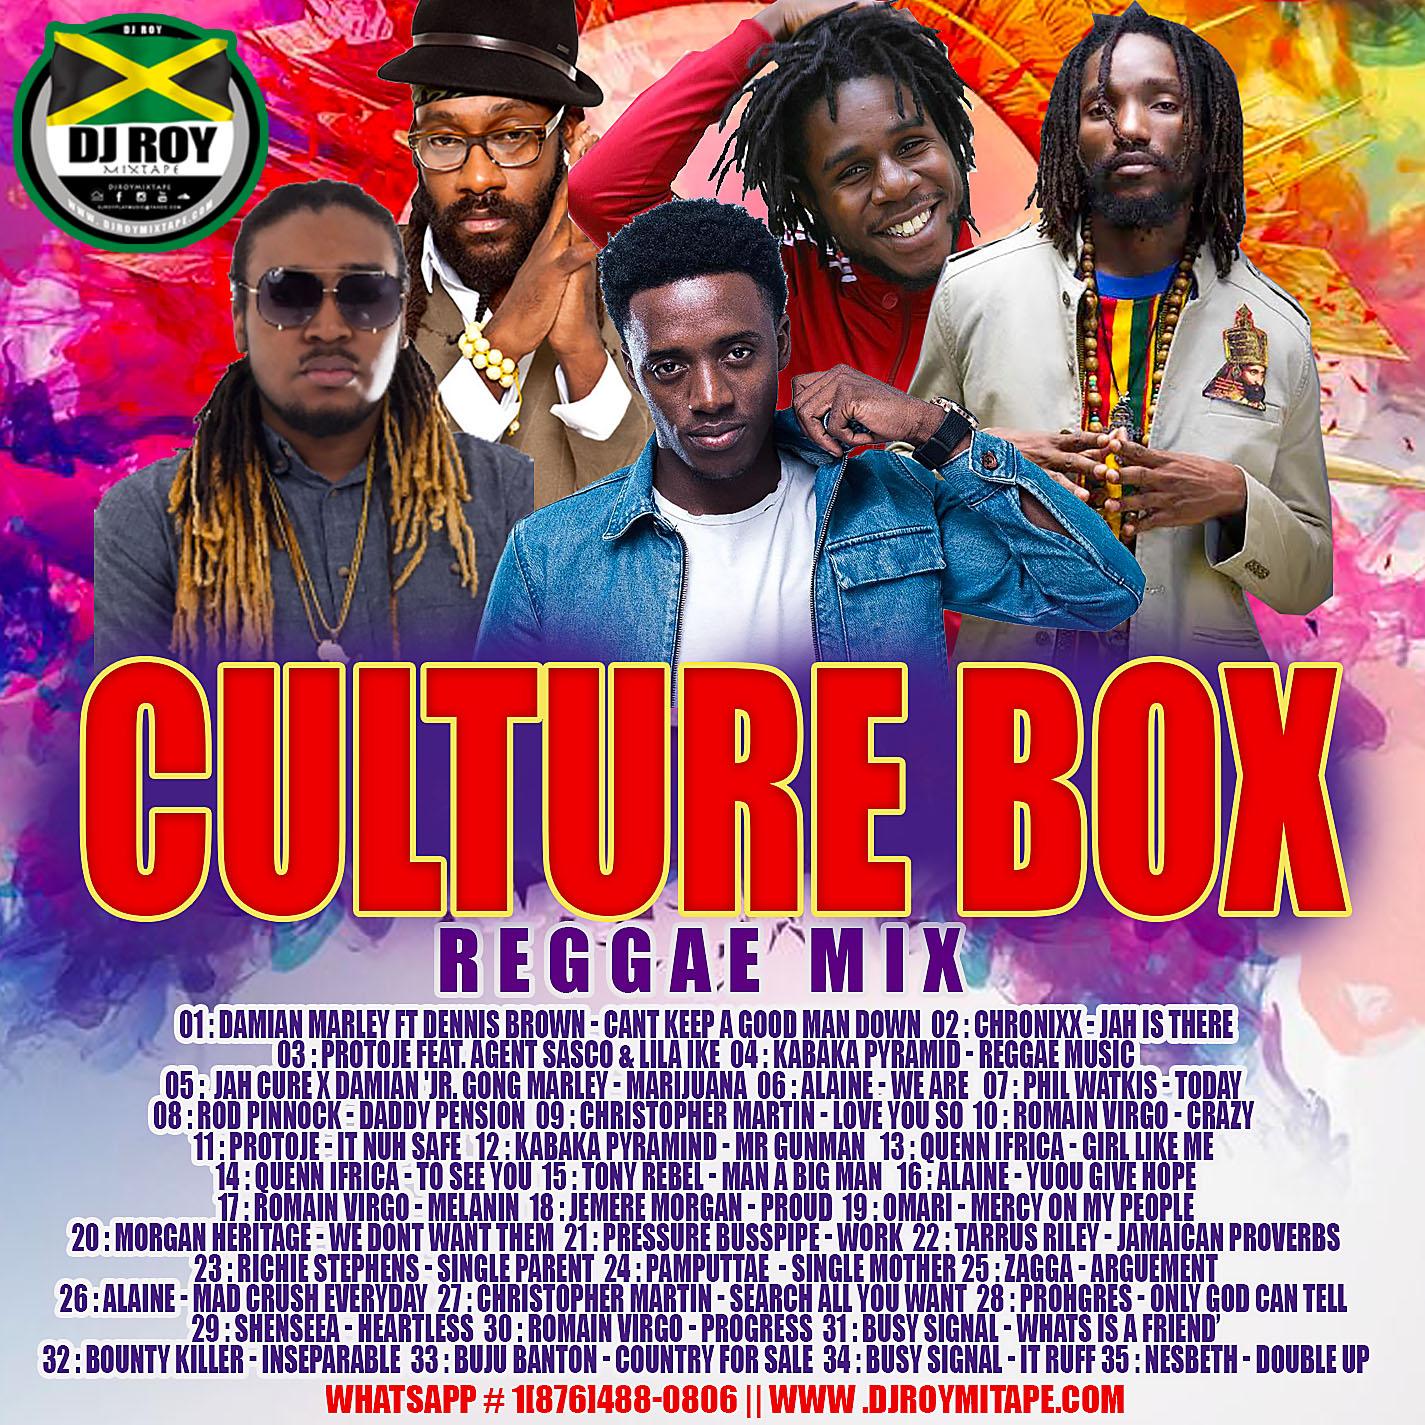 DJROYMIXTAPE : DJ ROY CULTURE BOX REGGAE MIX 2019